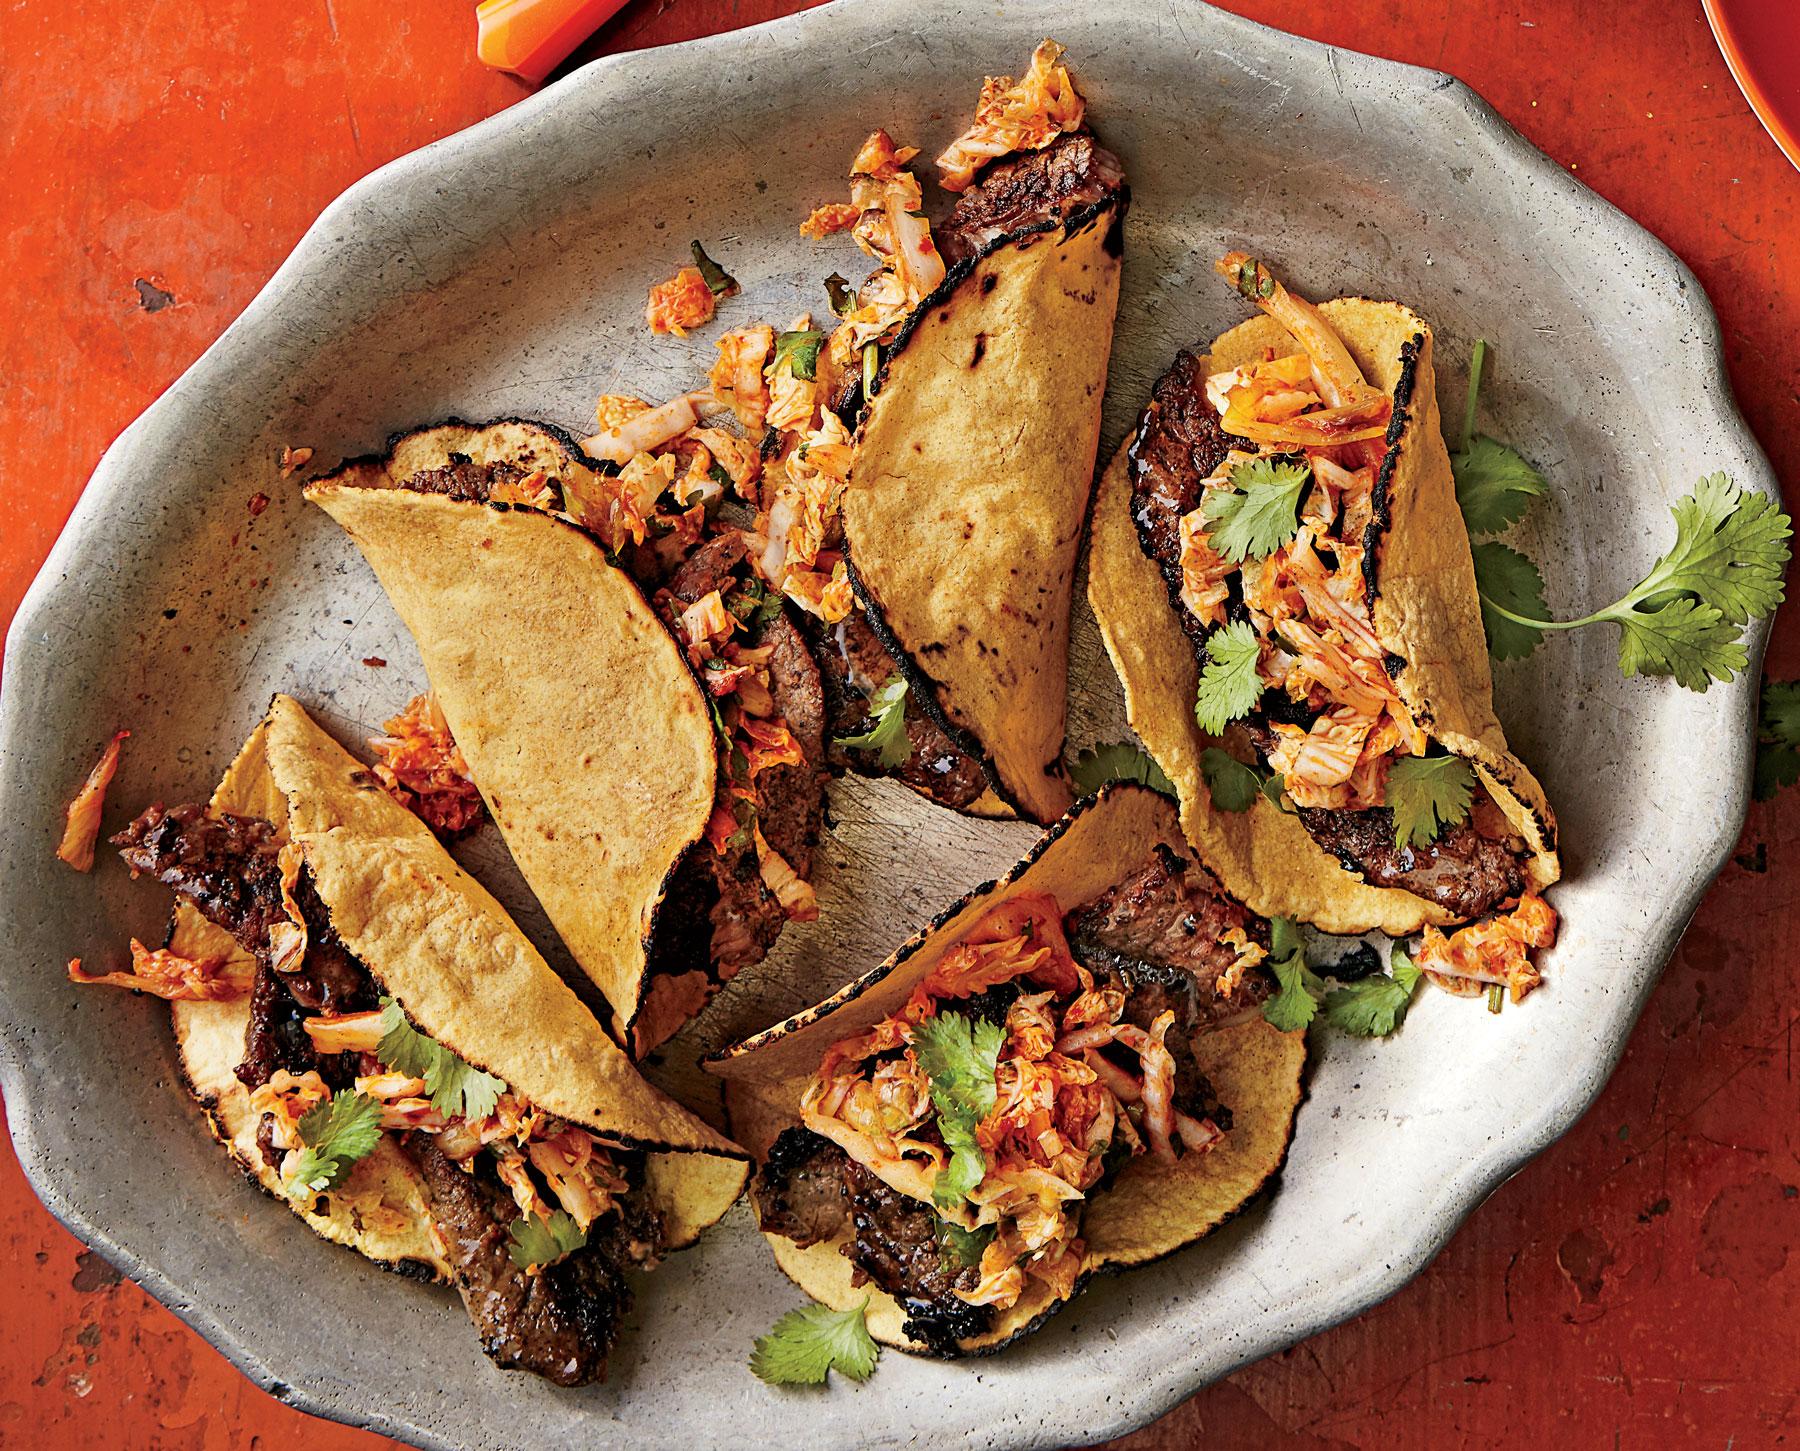 L.A. Korean Short Rib Tacos